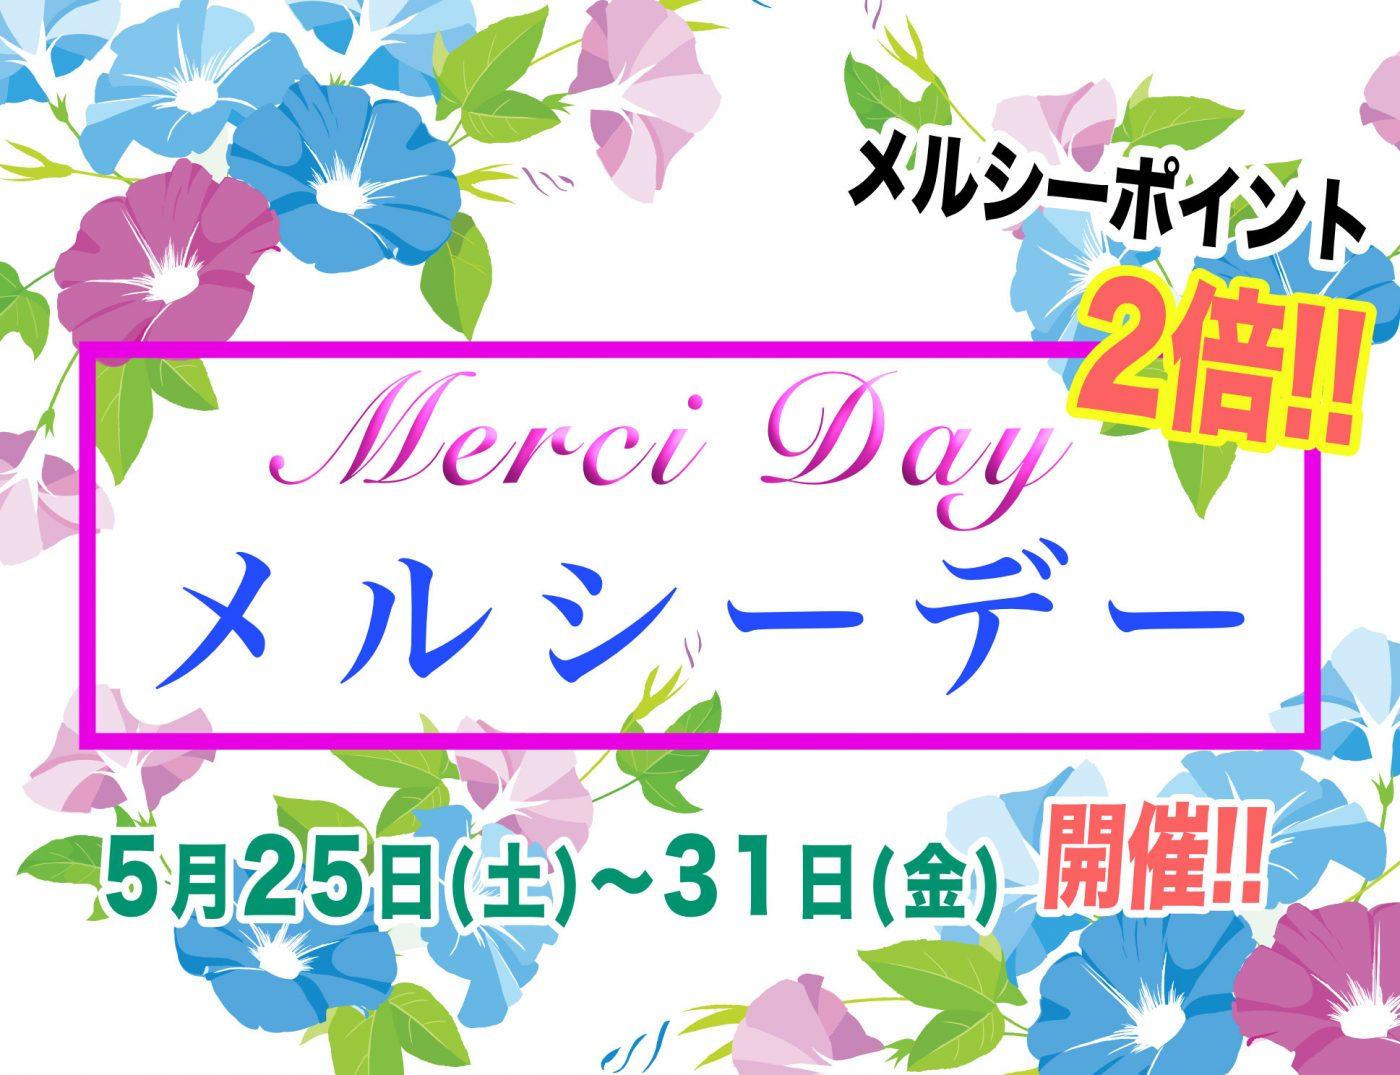 田立屋 の メルシーデー(化粧品 お買い得)